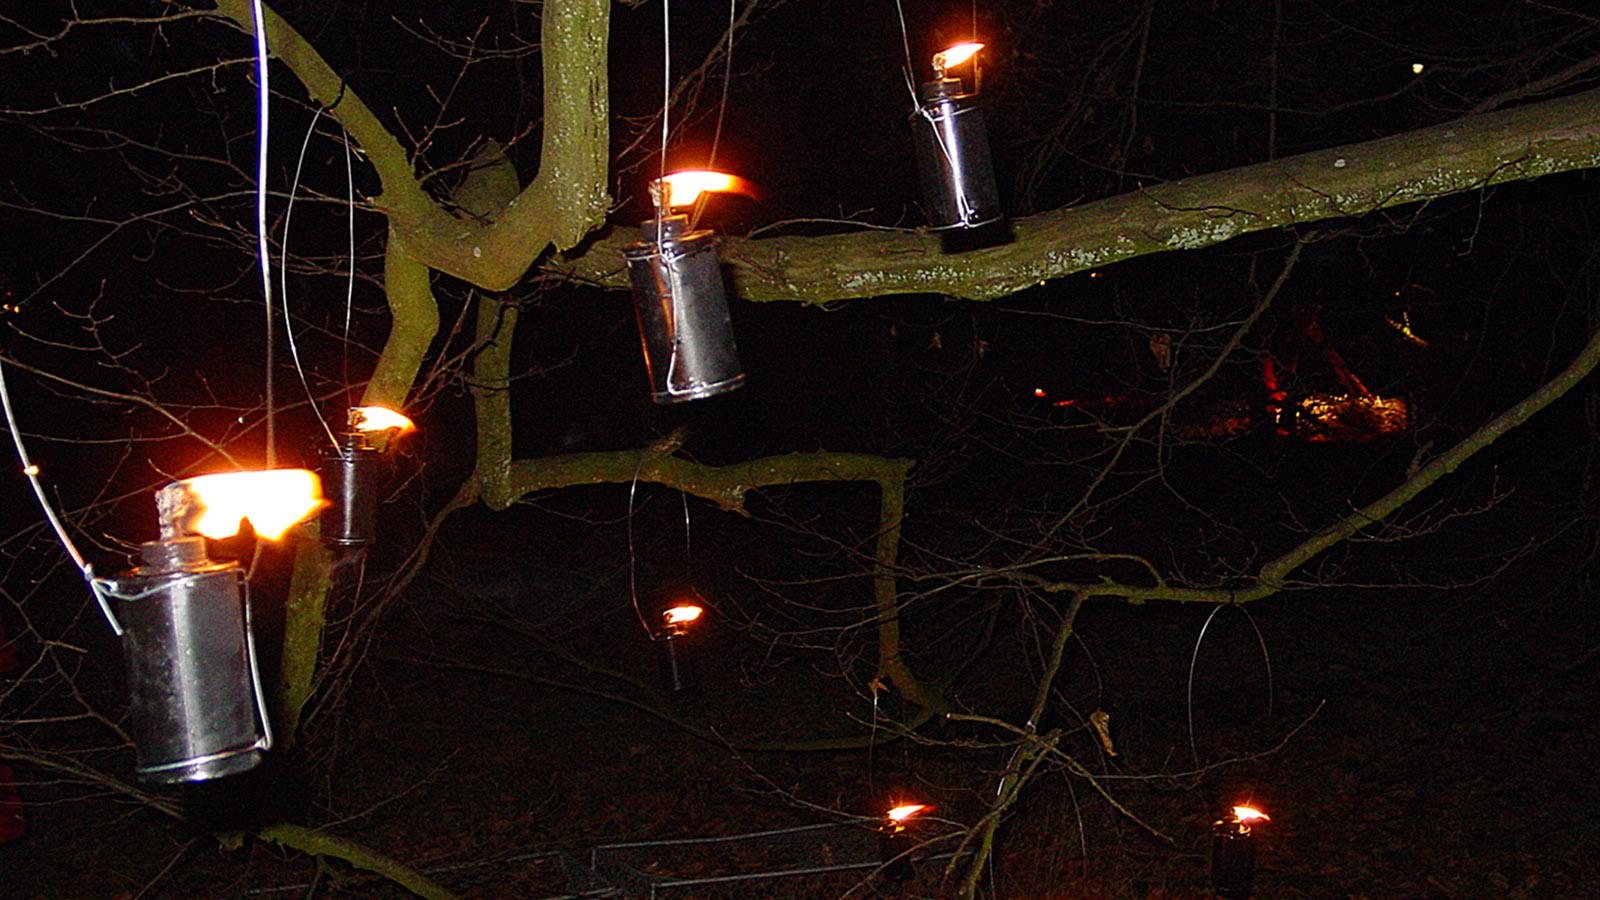 Weihnachten bringt Licht ins Dunkel - auch in der Natur, wie hier bei Frederiksdal. Foto: Hilke Maunder